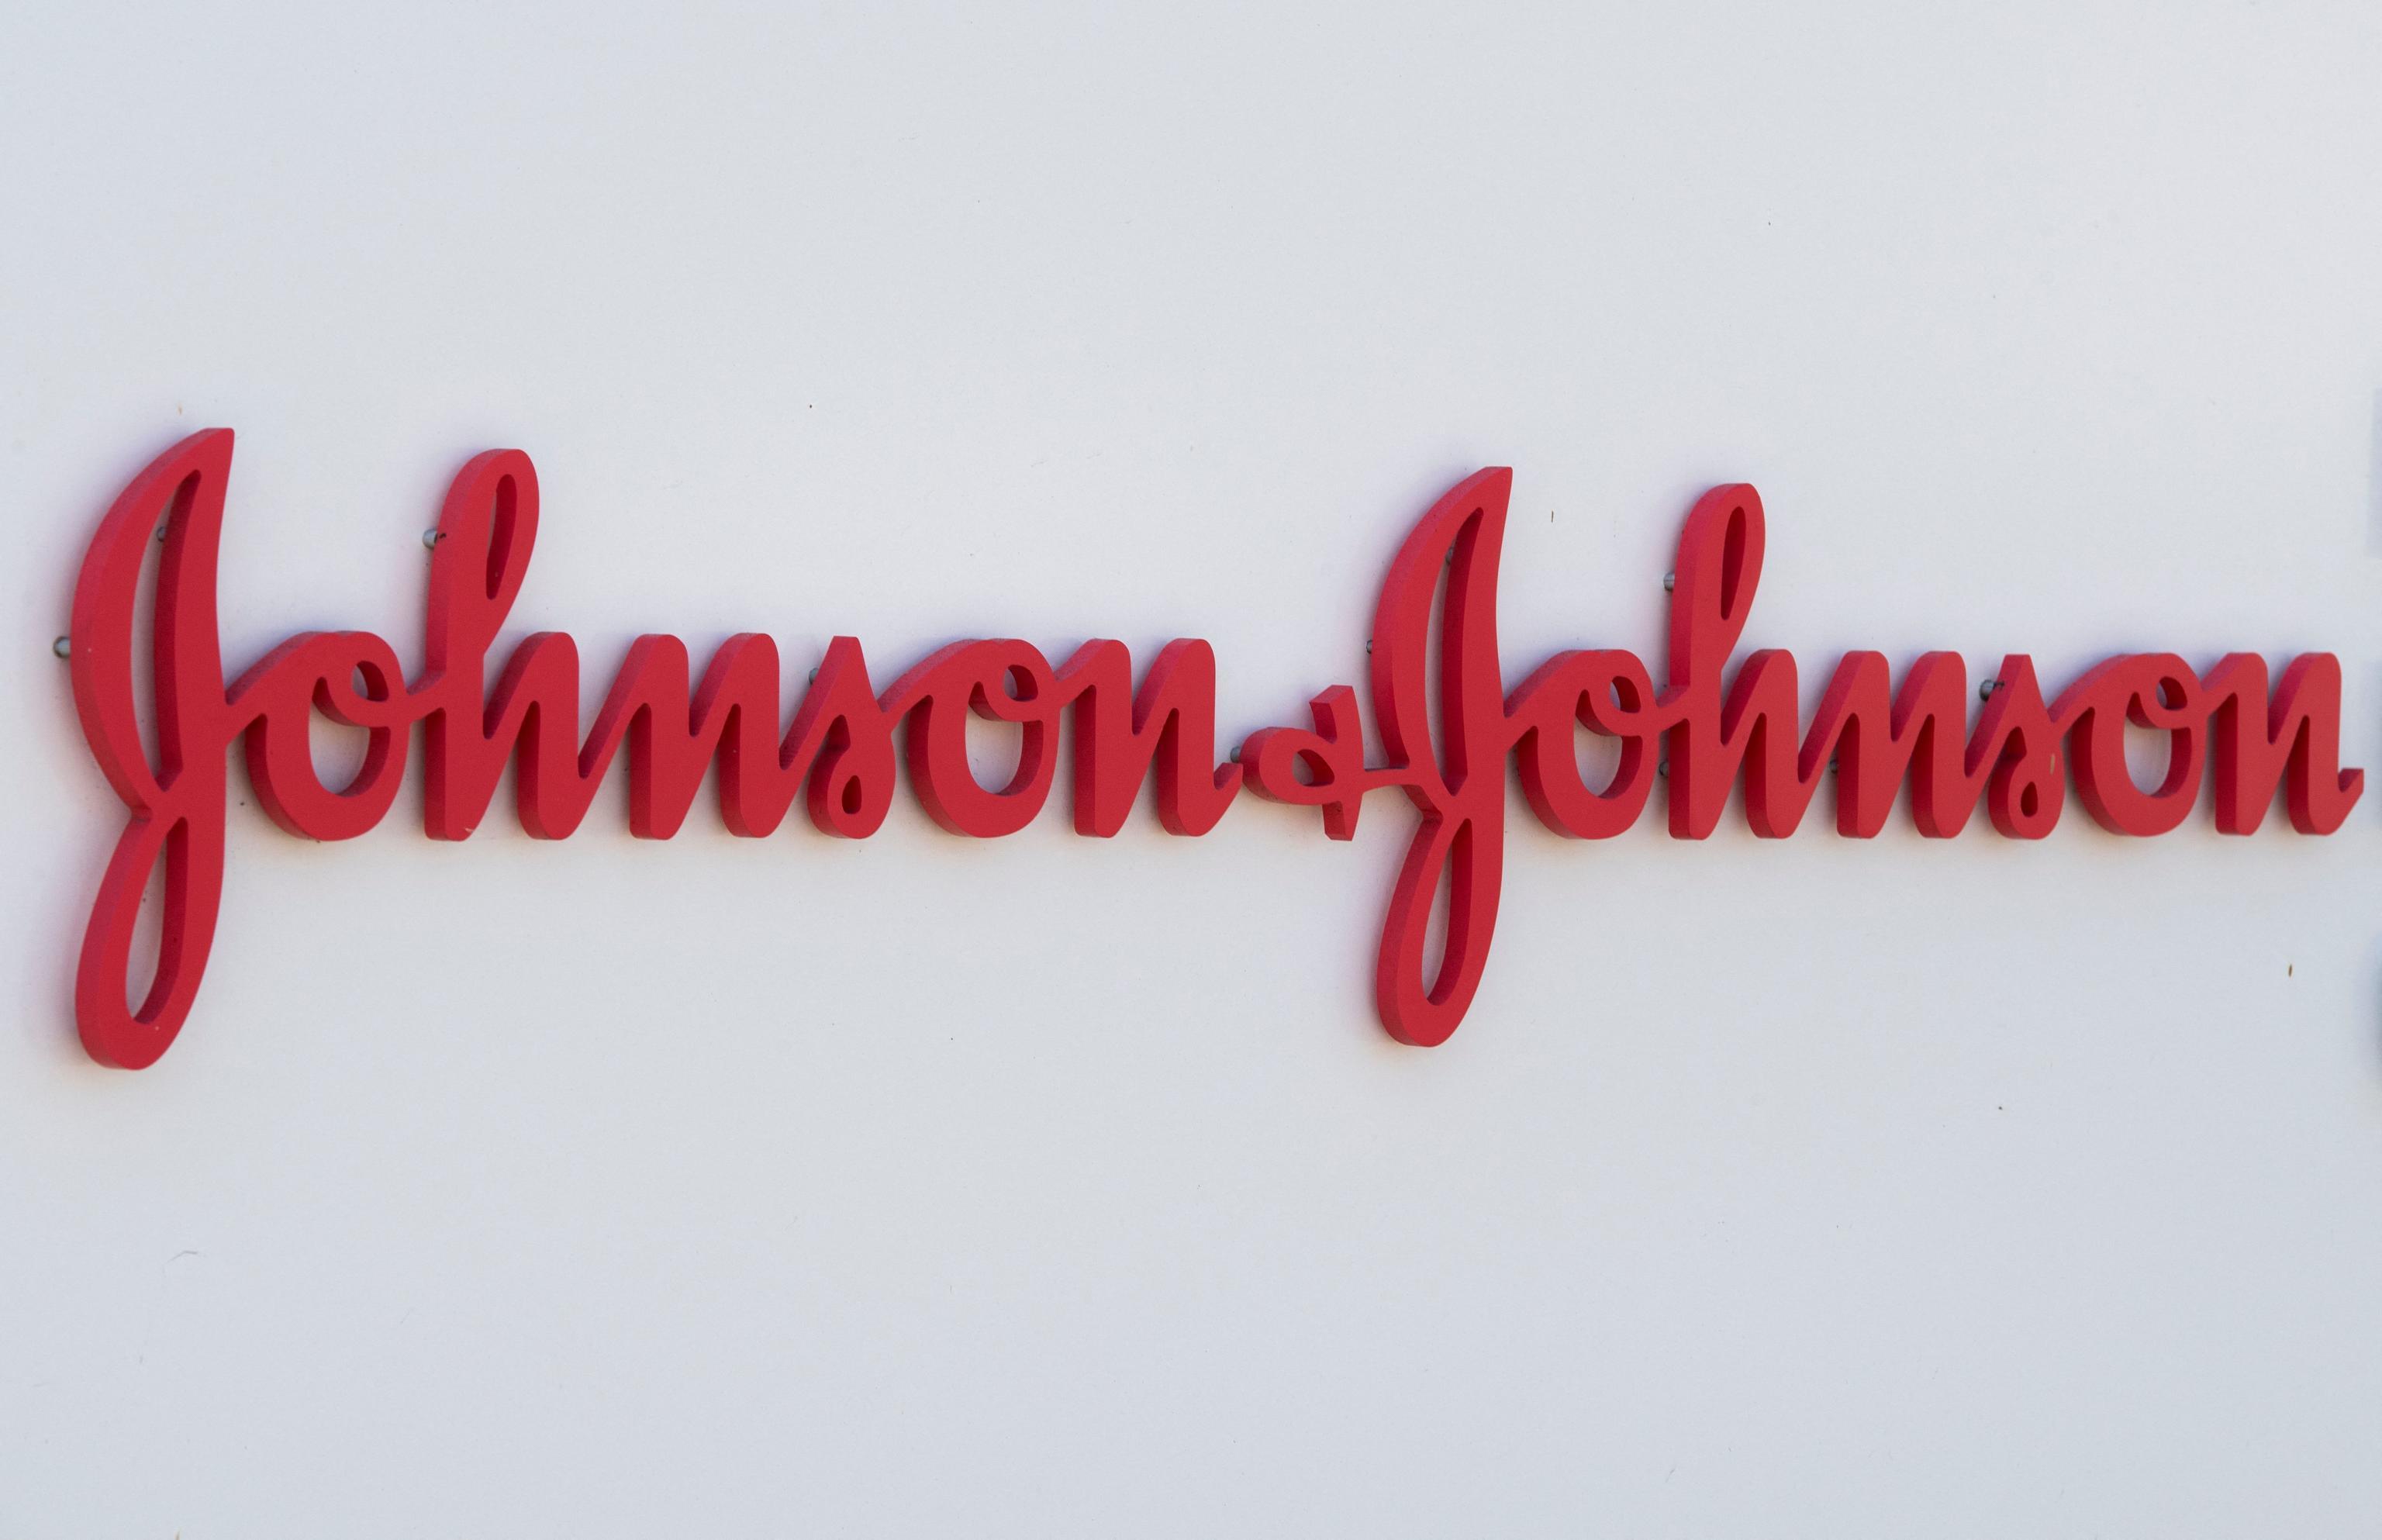 Covid, come funziona il vaccino Johnson & Johnson e chi lo produce